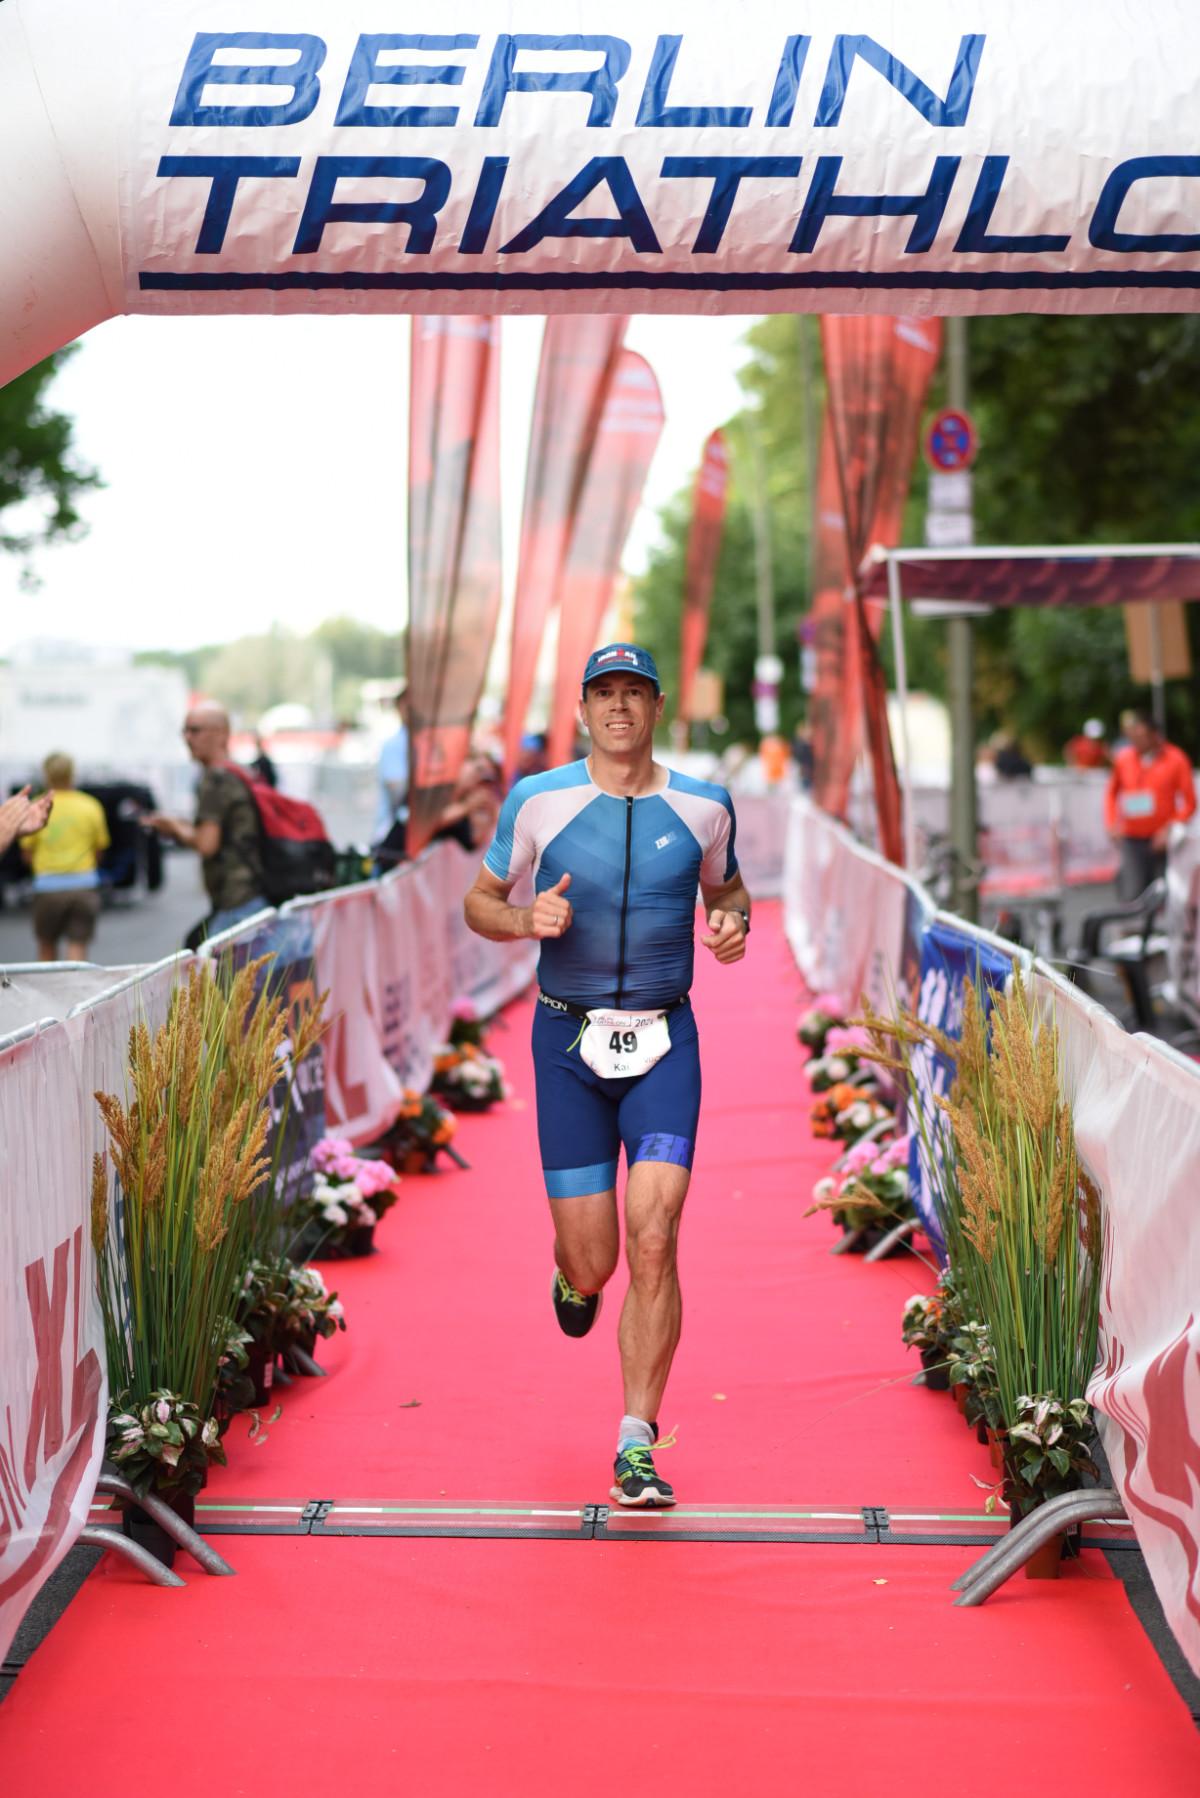 Berlin Triathlon 2021